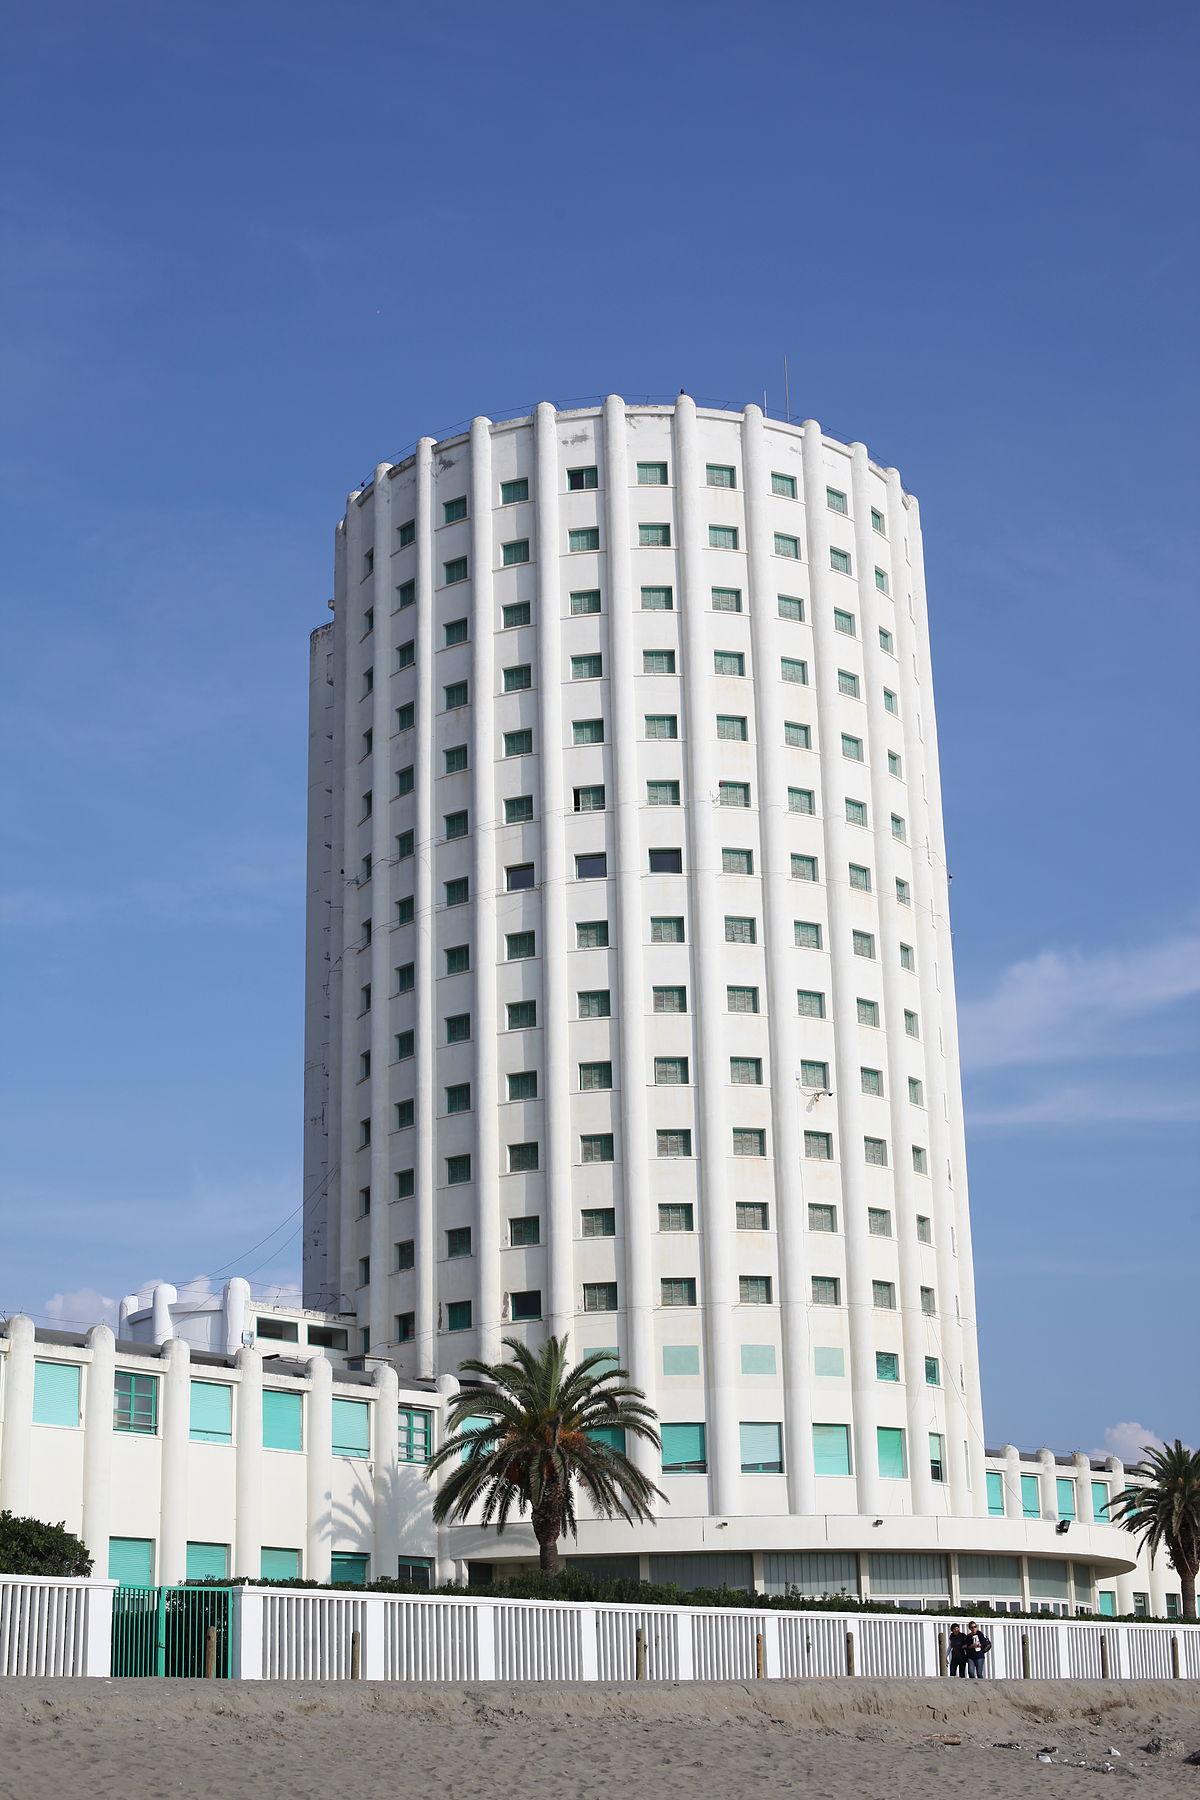 Hotel Con Centro Benebere In Montagna